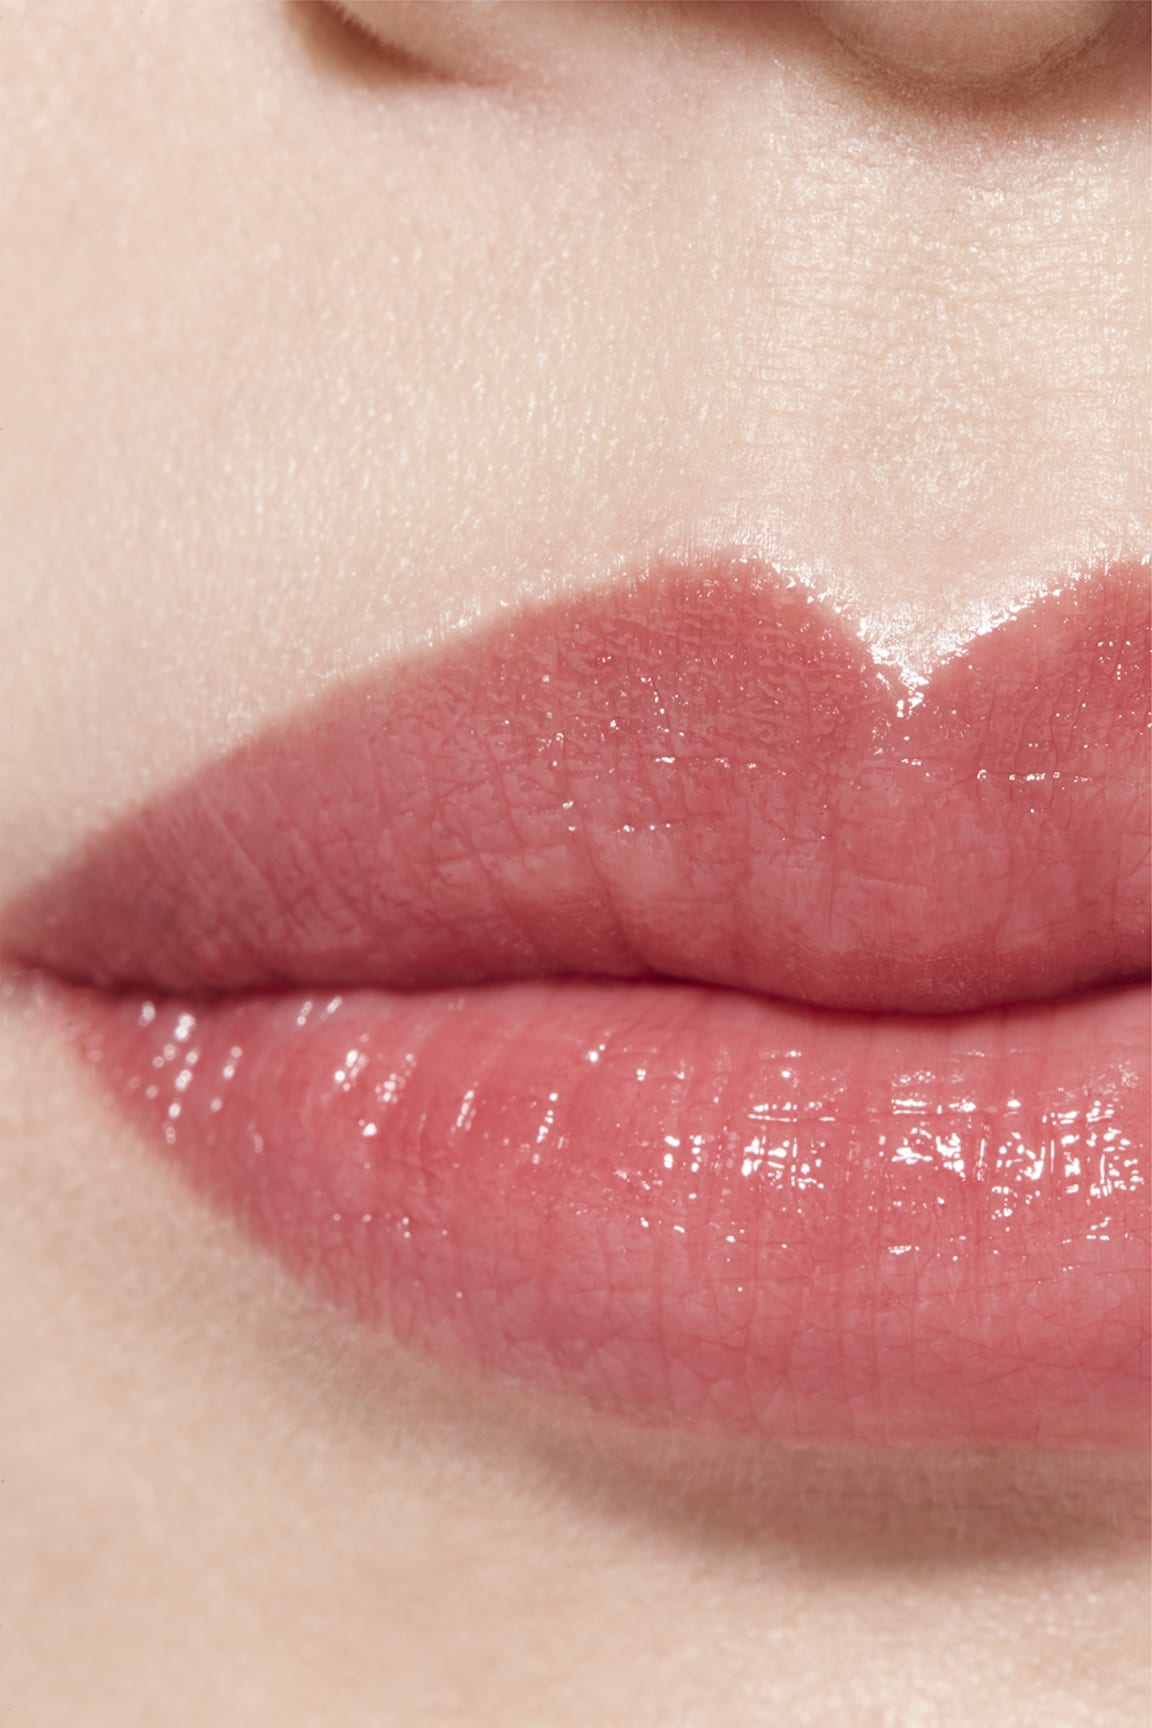 Application makeup visual 1 - LES BEIGES LIP BALM MEDIUM